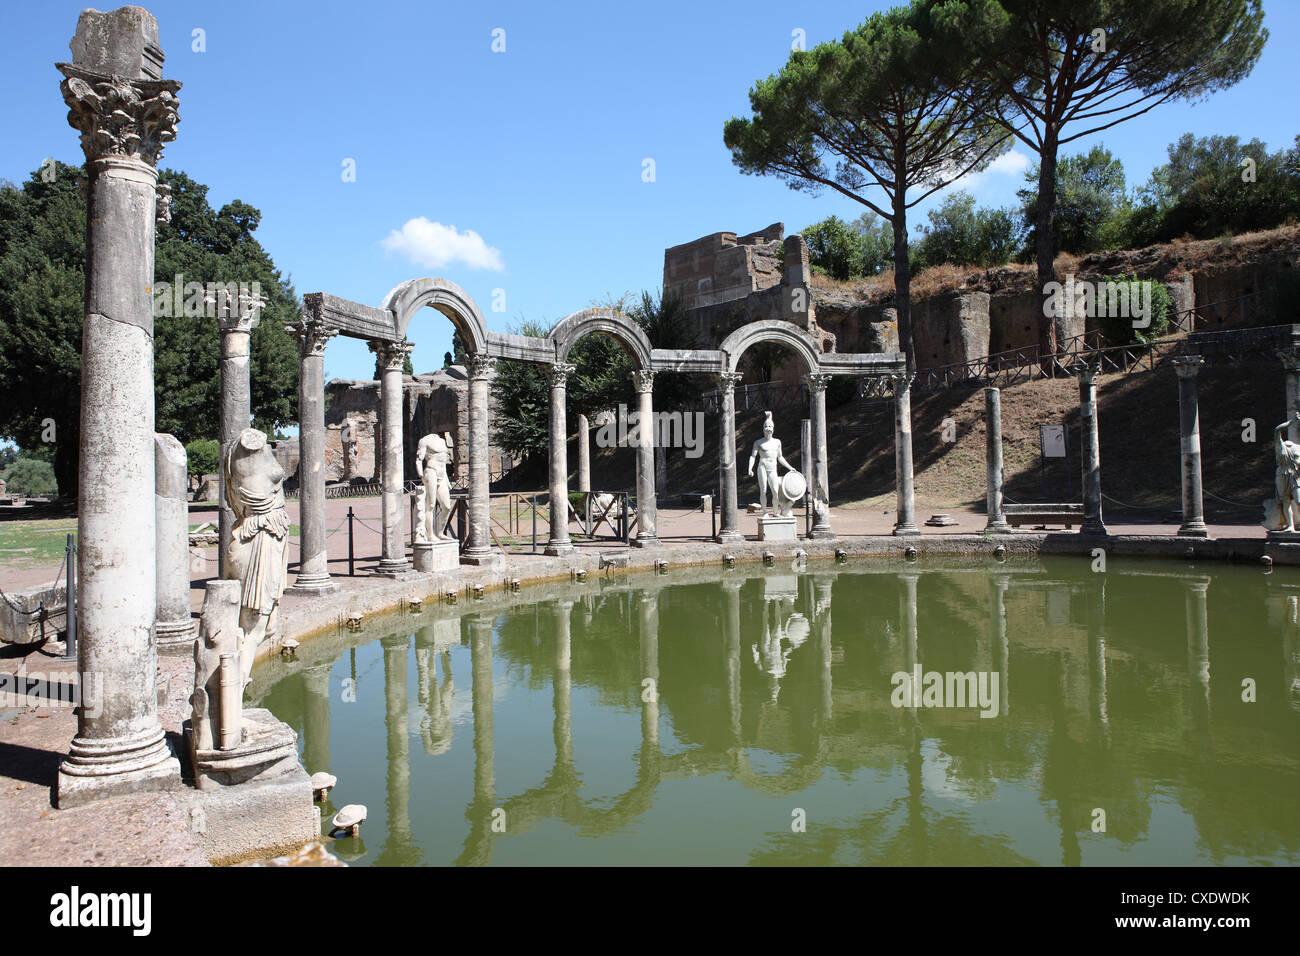 Villa Adriana, Canopus Canal, Sito Patrimonio Mondiale dell'UNESCO, Tivoli, Roma, Lazio, l'Italia, Europa Immagini Stock